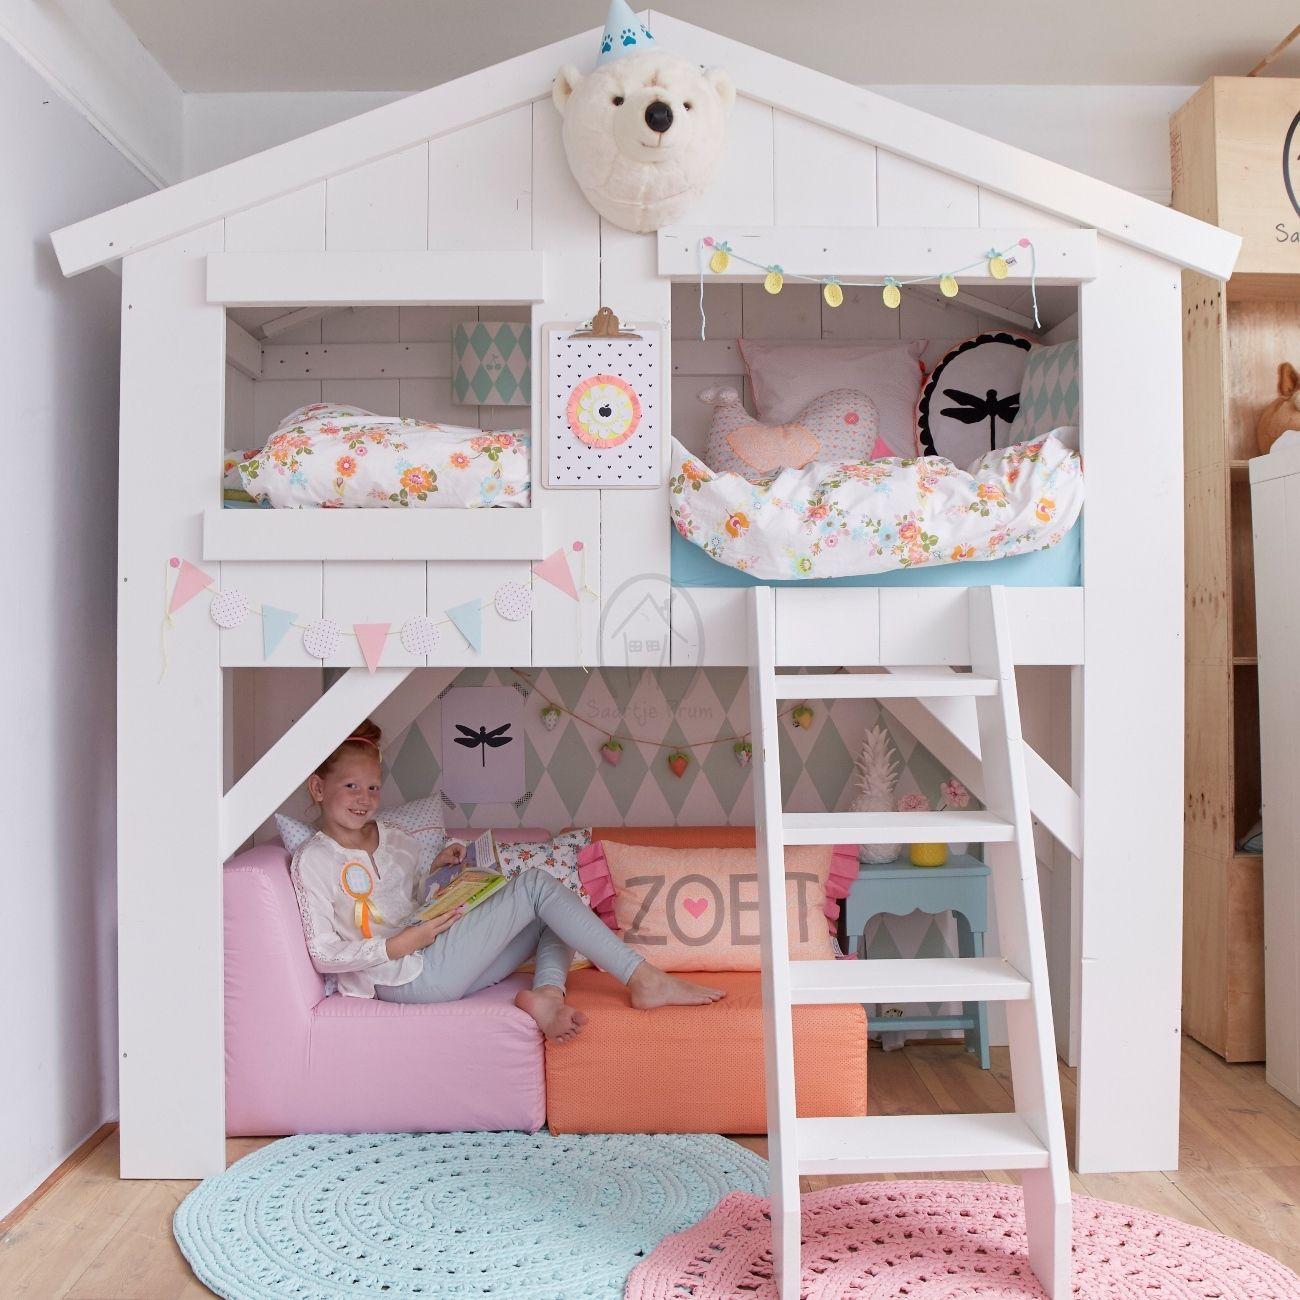 Kinderbed boomhut de leukste huisjesbedden voor de kinderkamer bij saartje meisjeskamer - Gordijnen voor de kinderkamer ...